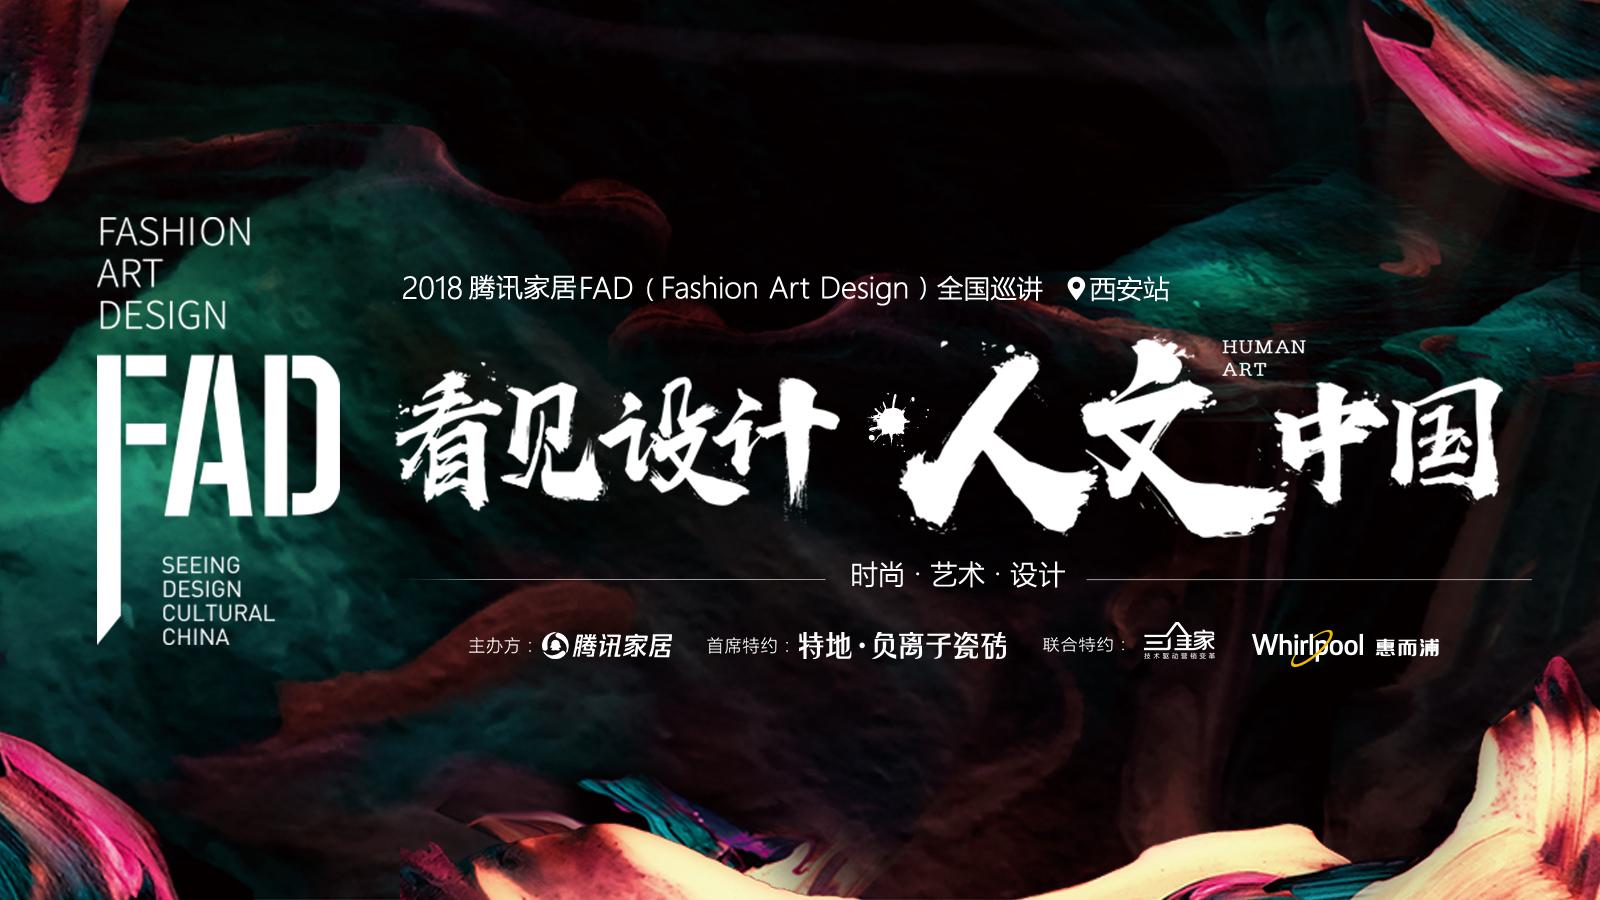 """FAD厦门 李俊瑞&""""当代徐霞客""""联袂开讲 让设计和脚步都在路上"""